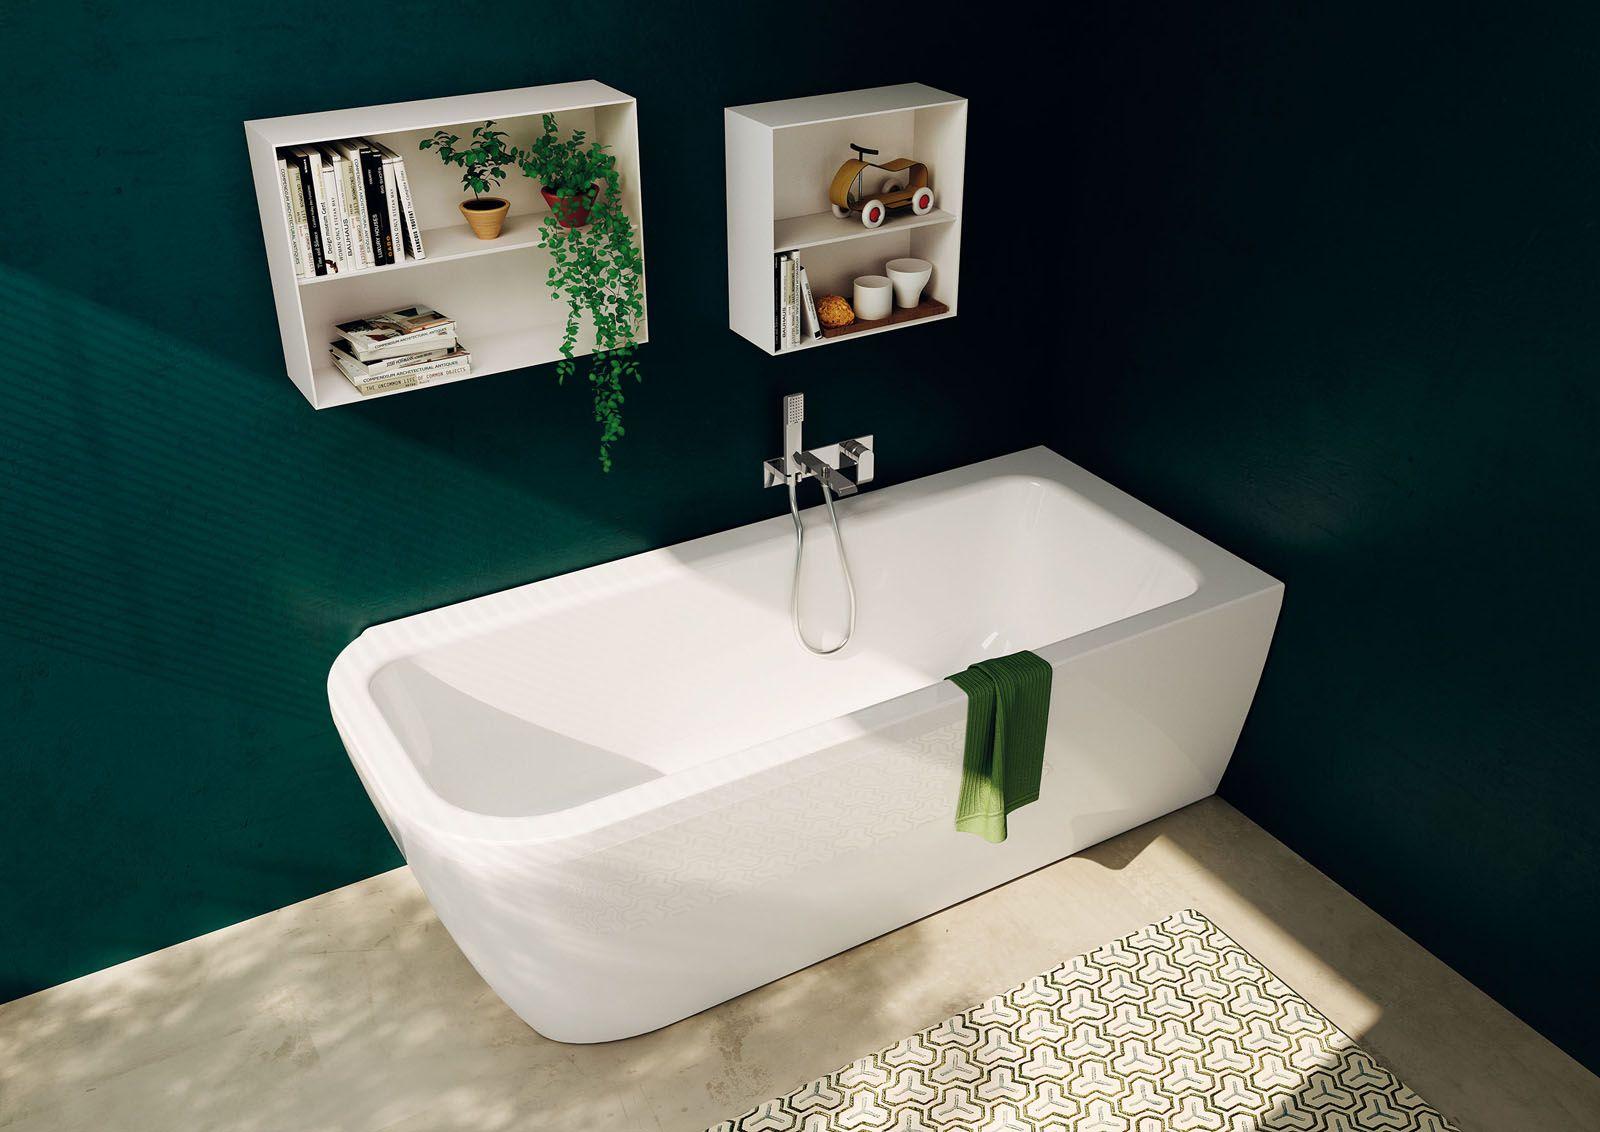 vasche da bagno low cost. a partire da 182 euro - cose di casa ... - Vasche Da Bagno D Arredo